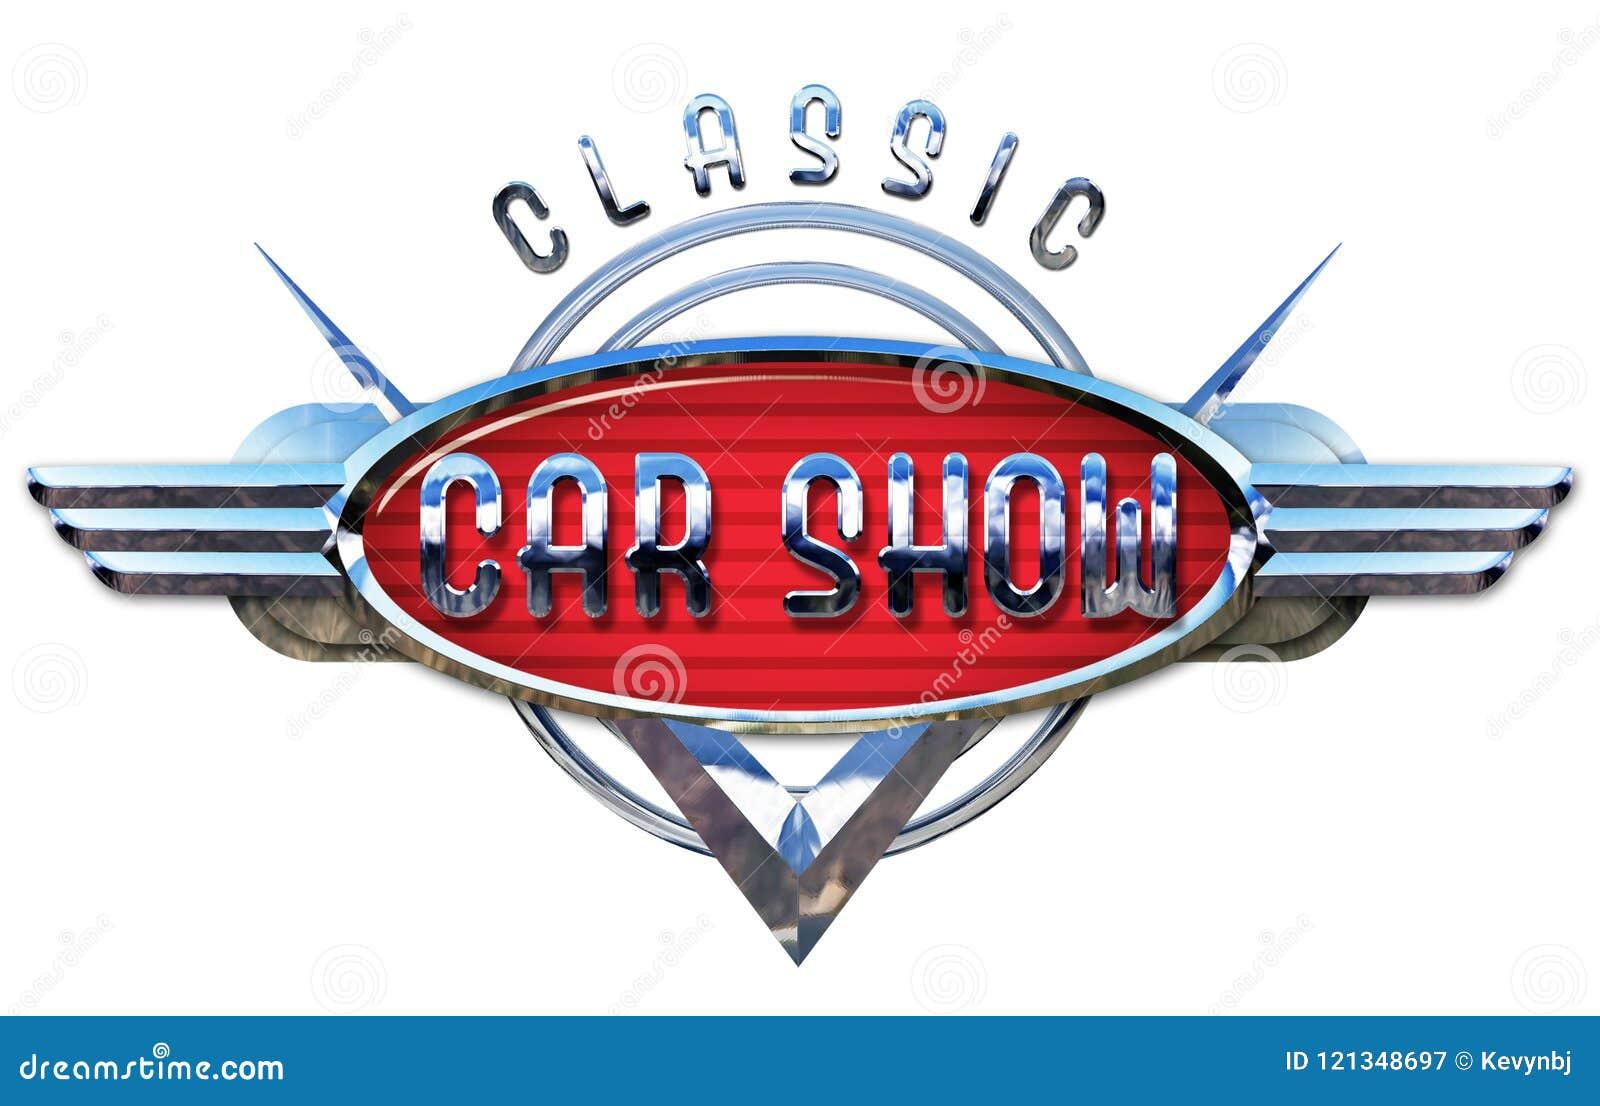 Classic Car Show Logo Chrome